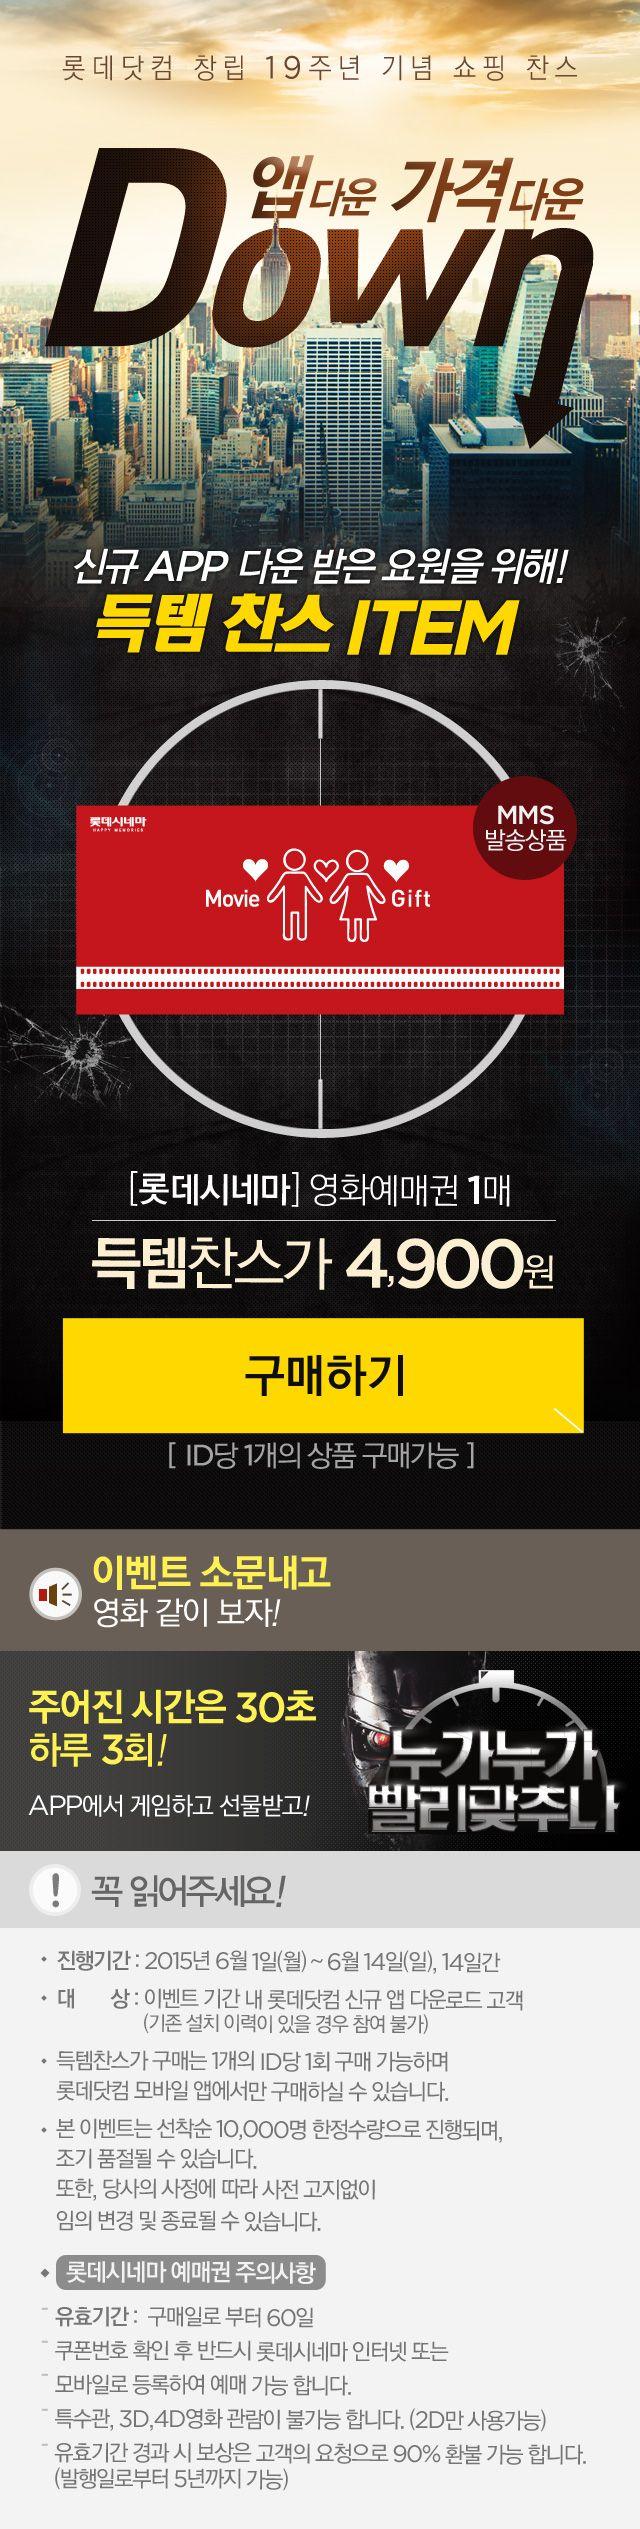 롯데닷컴 앱다운 가격 다운 이벤트 www.lotte.com